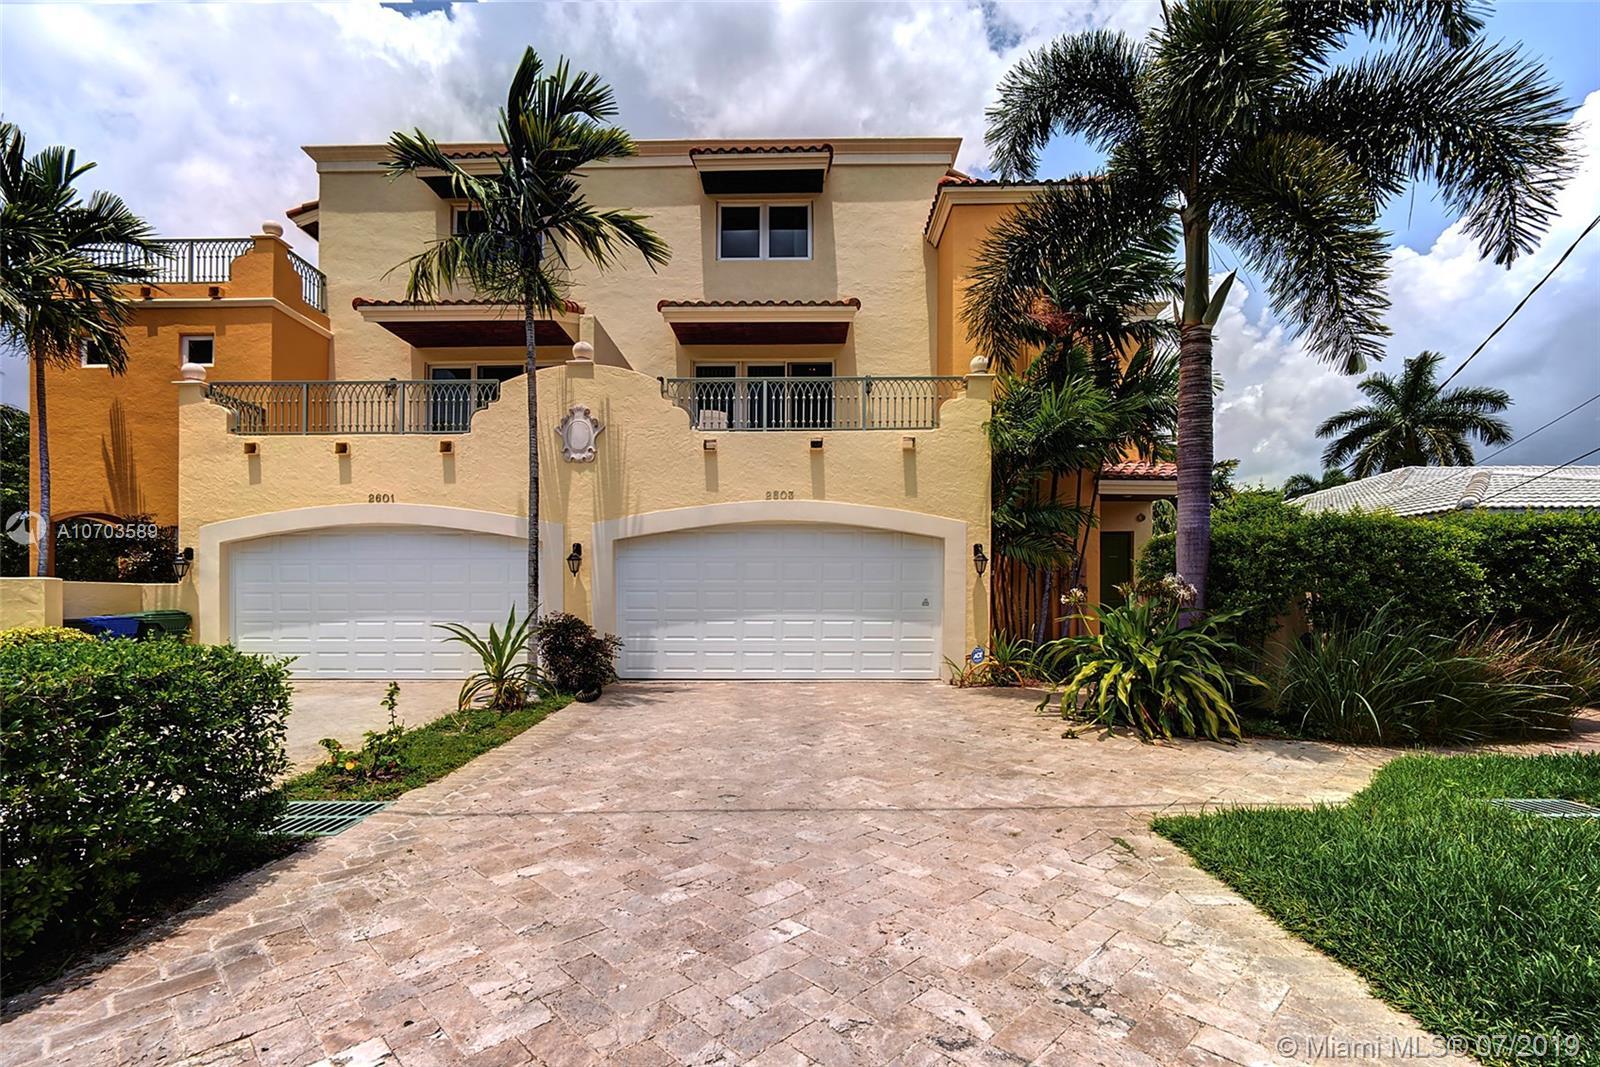 2603 NE 32nd Ave, Fort Lauderdale, FL 33308 - Fort Lauderdale, FL real estate listing